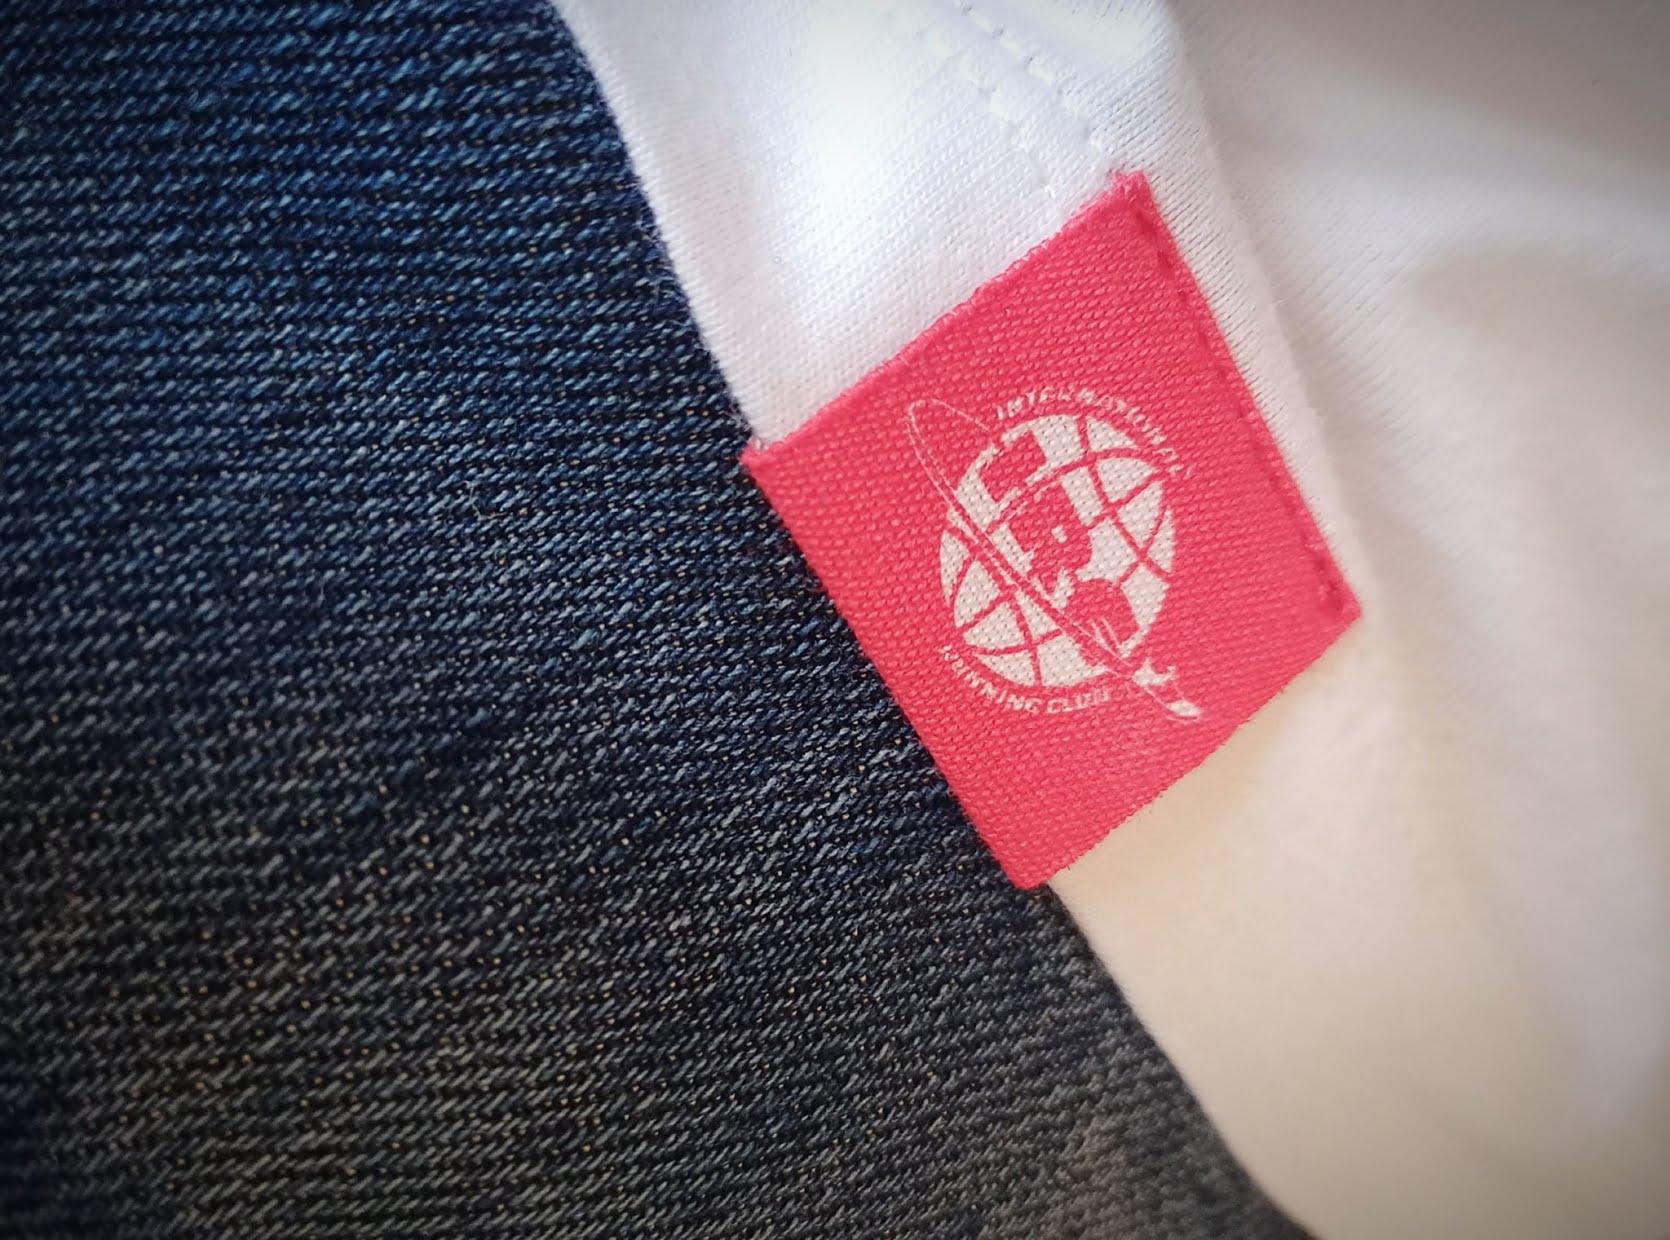 Nouvelle marque de vêtement International Running Club (IRC)